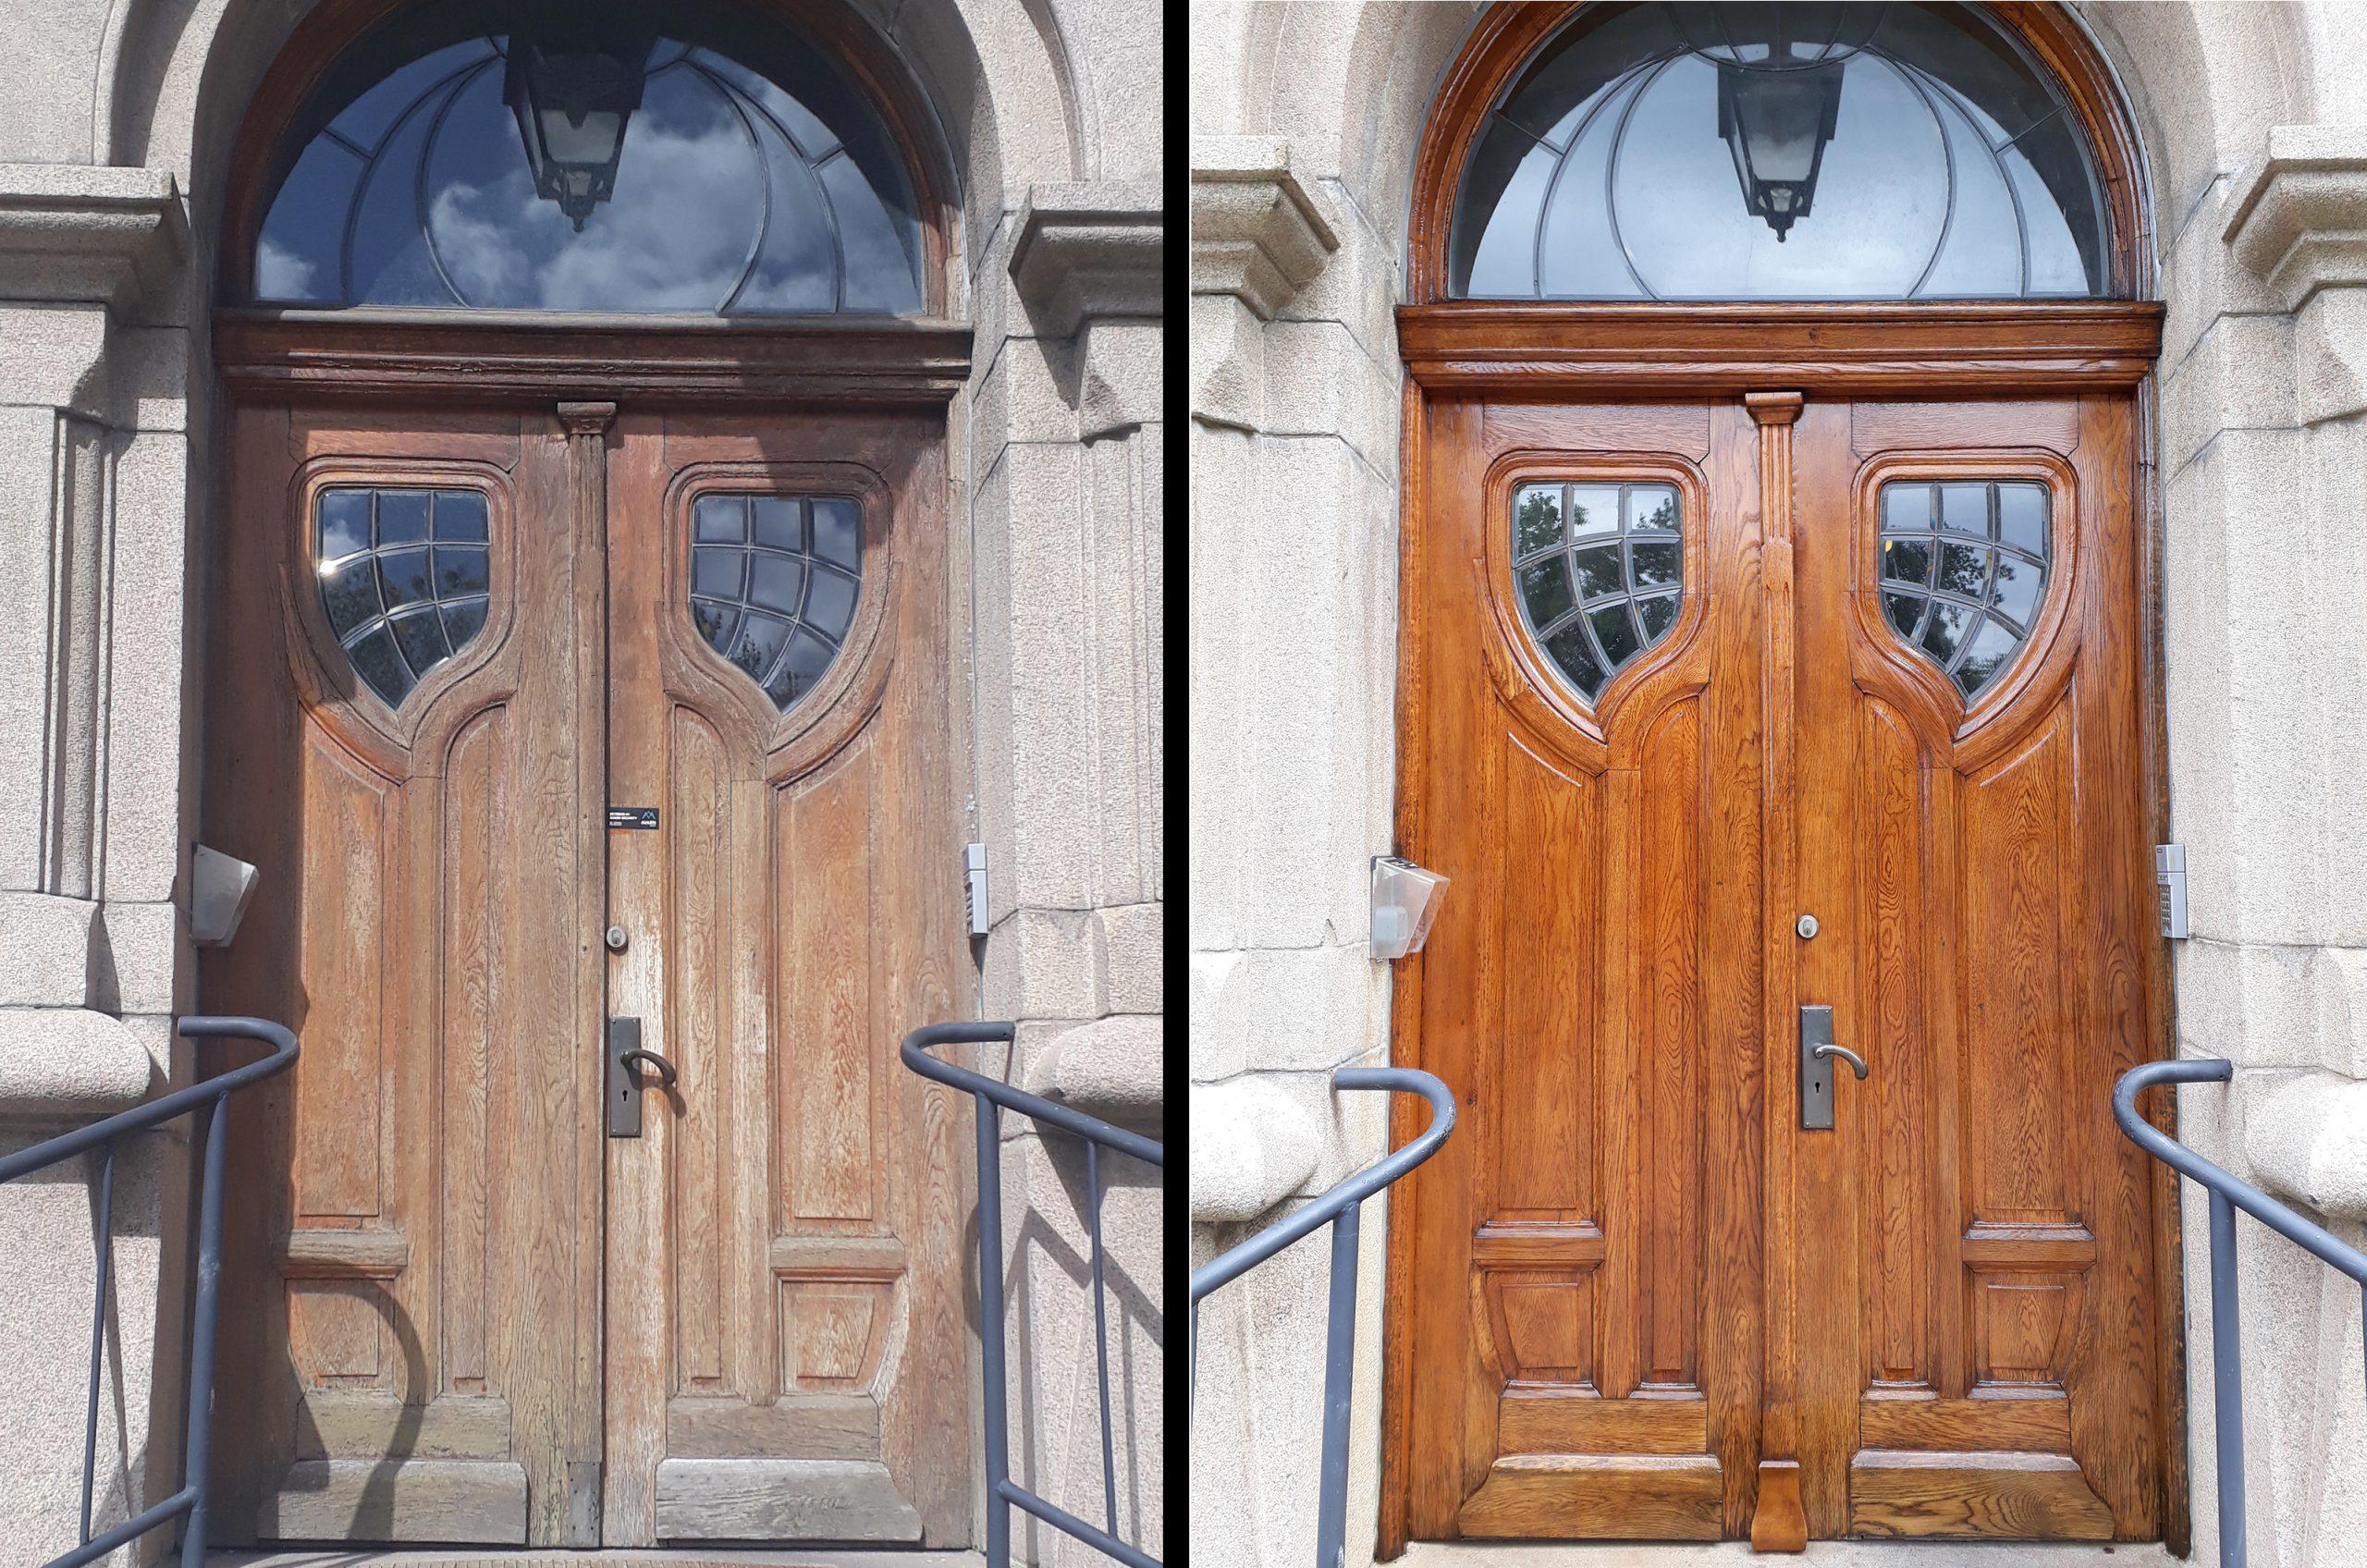 Före och efter restaurering av ekdörrar på Hälsovetarbacken